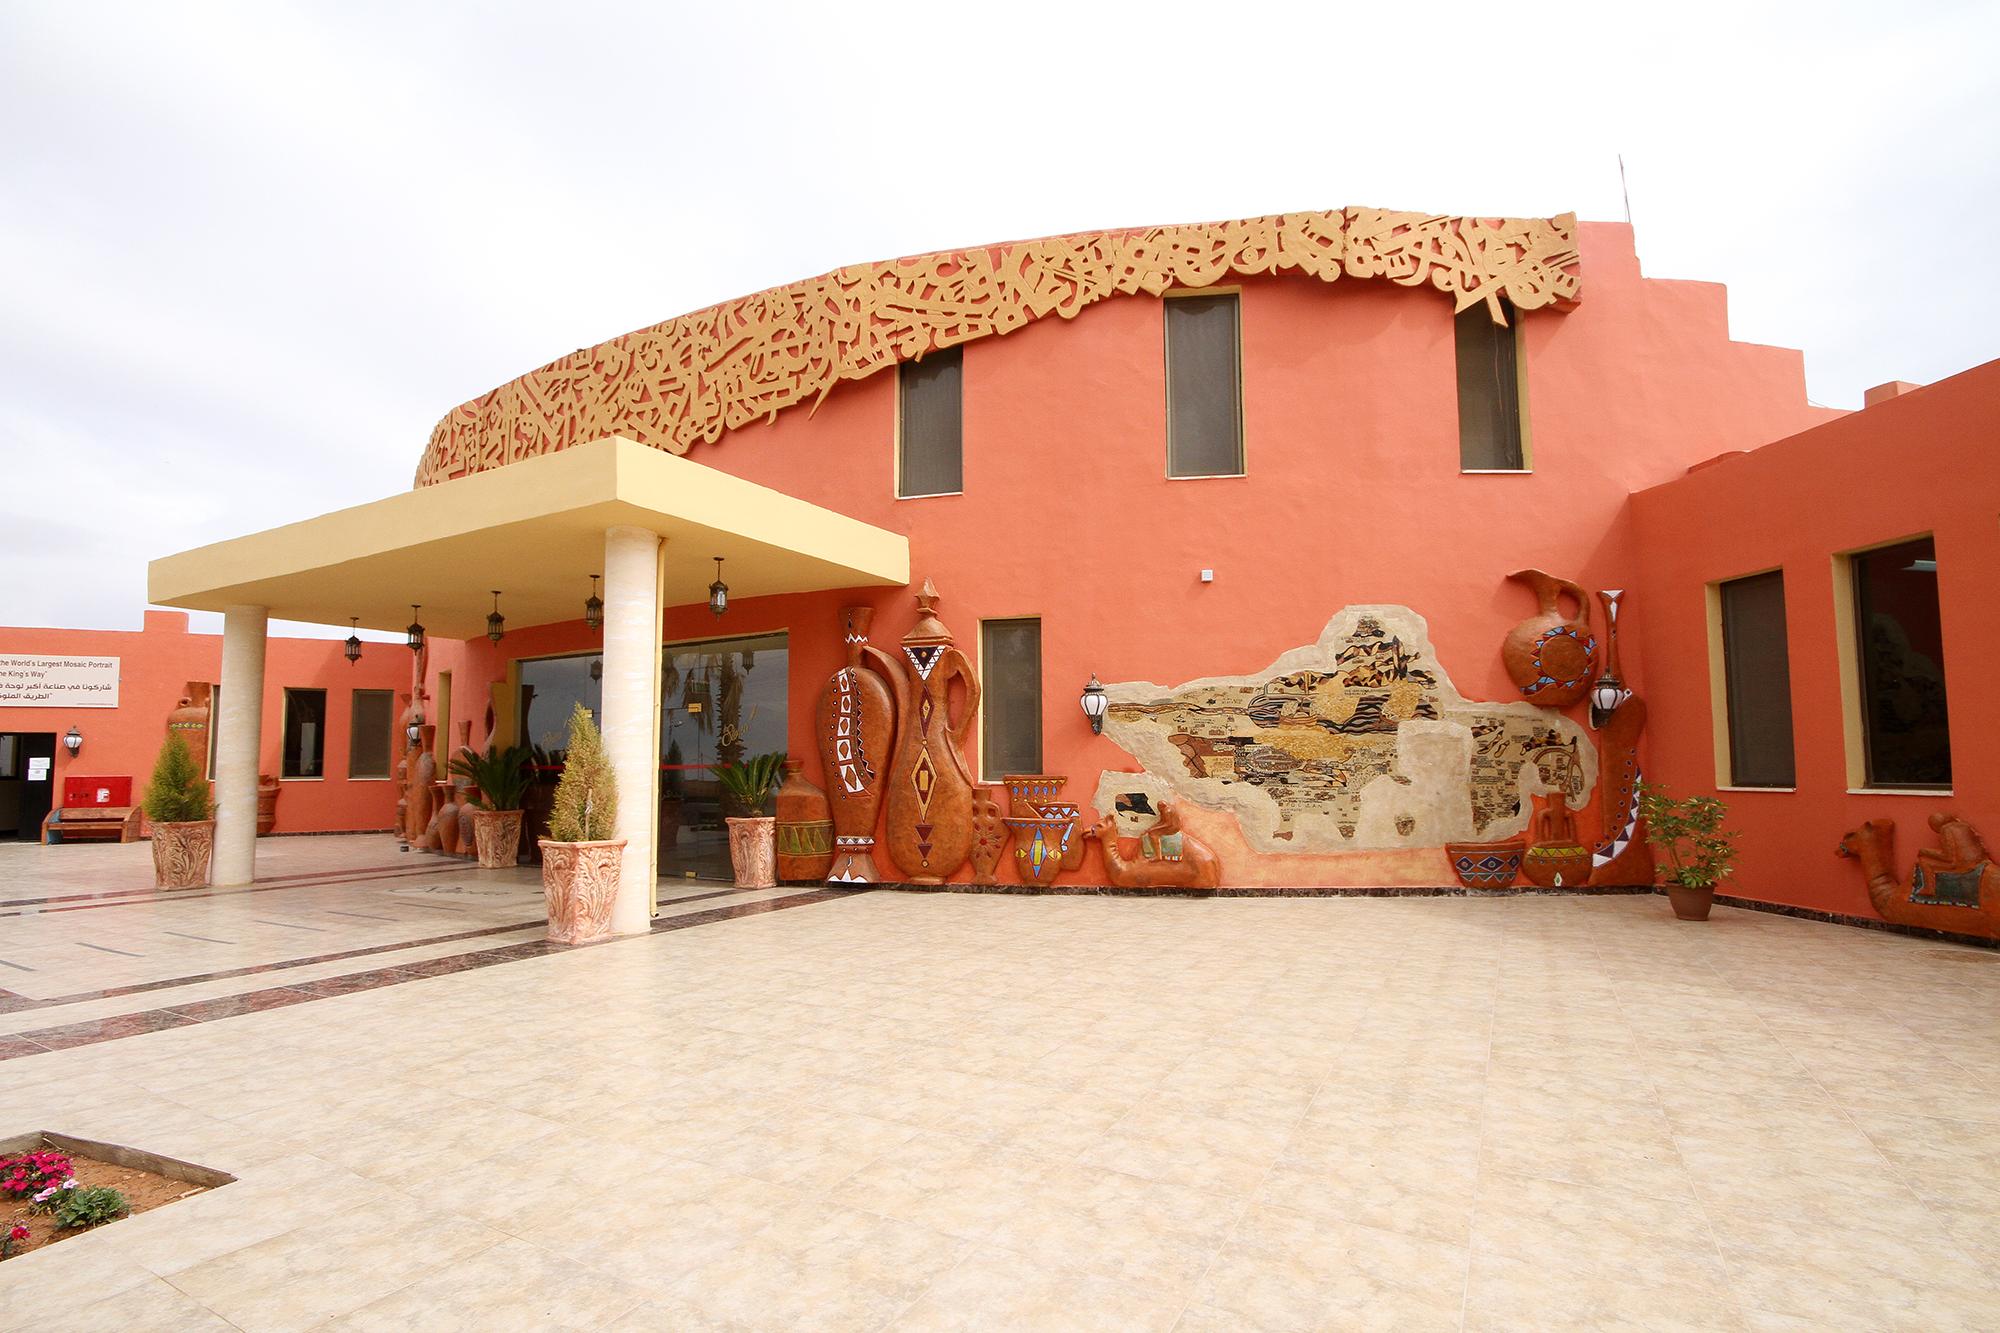 La Storia museum